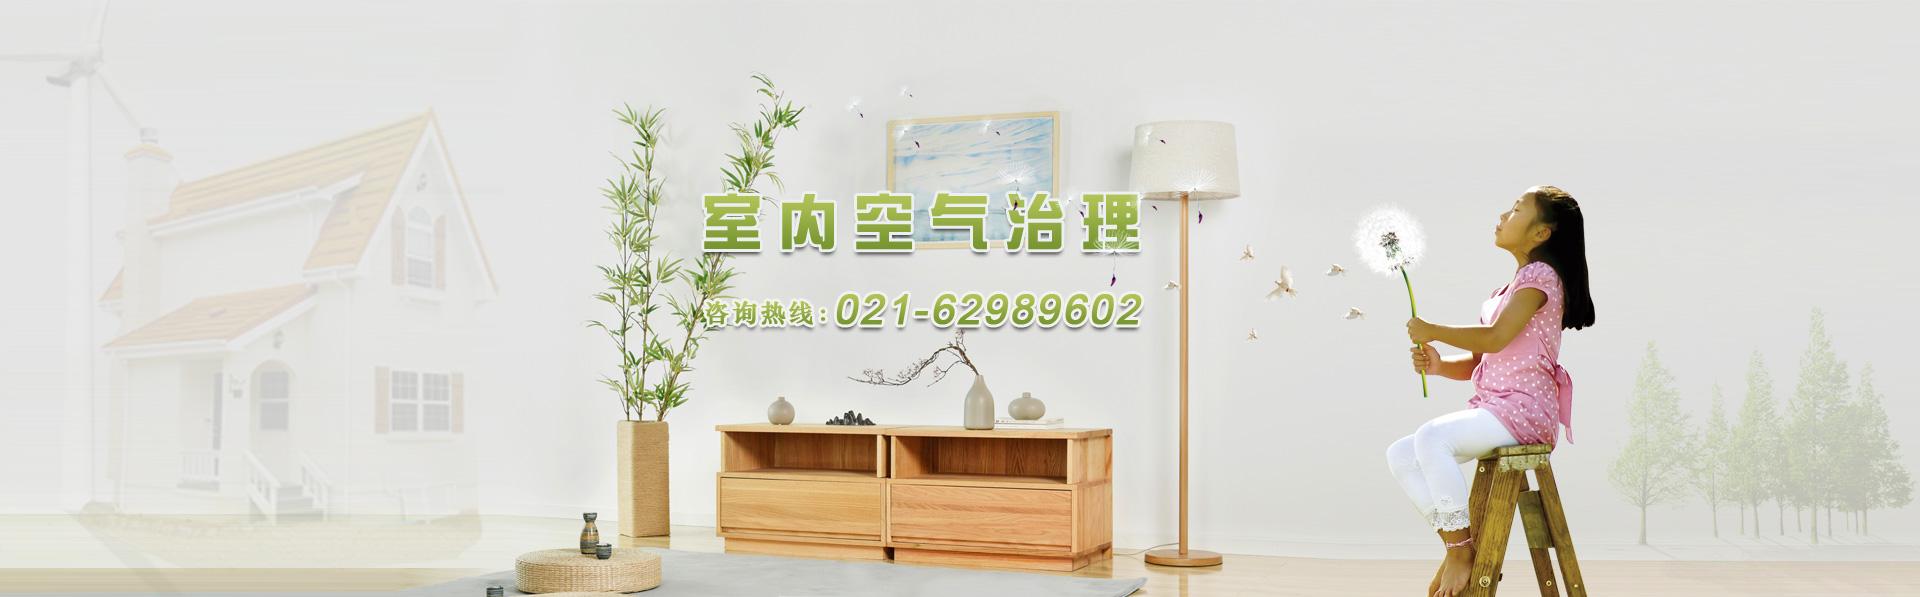 上海新东湖环境清洁技术有限公司